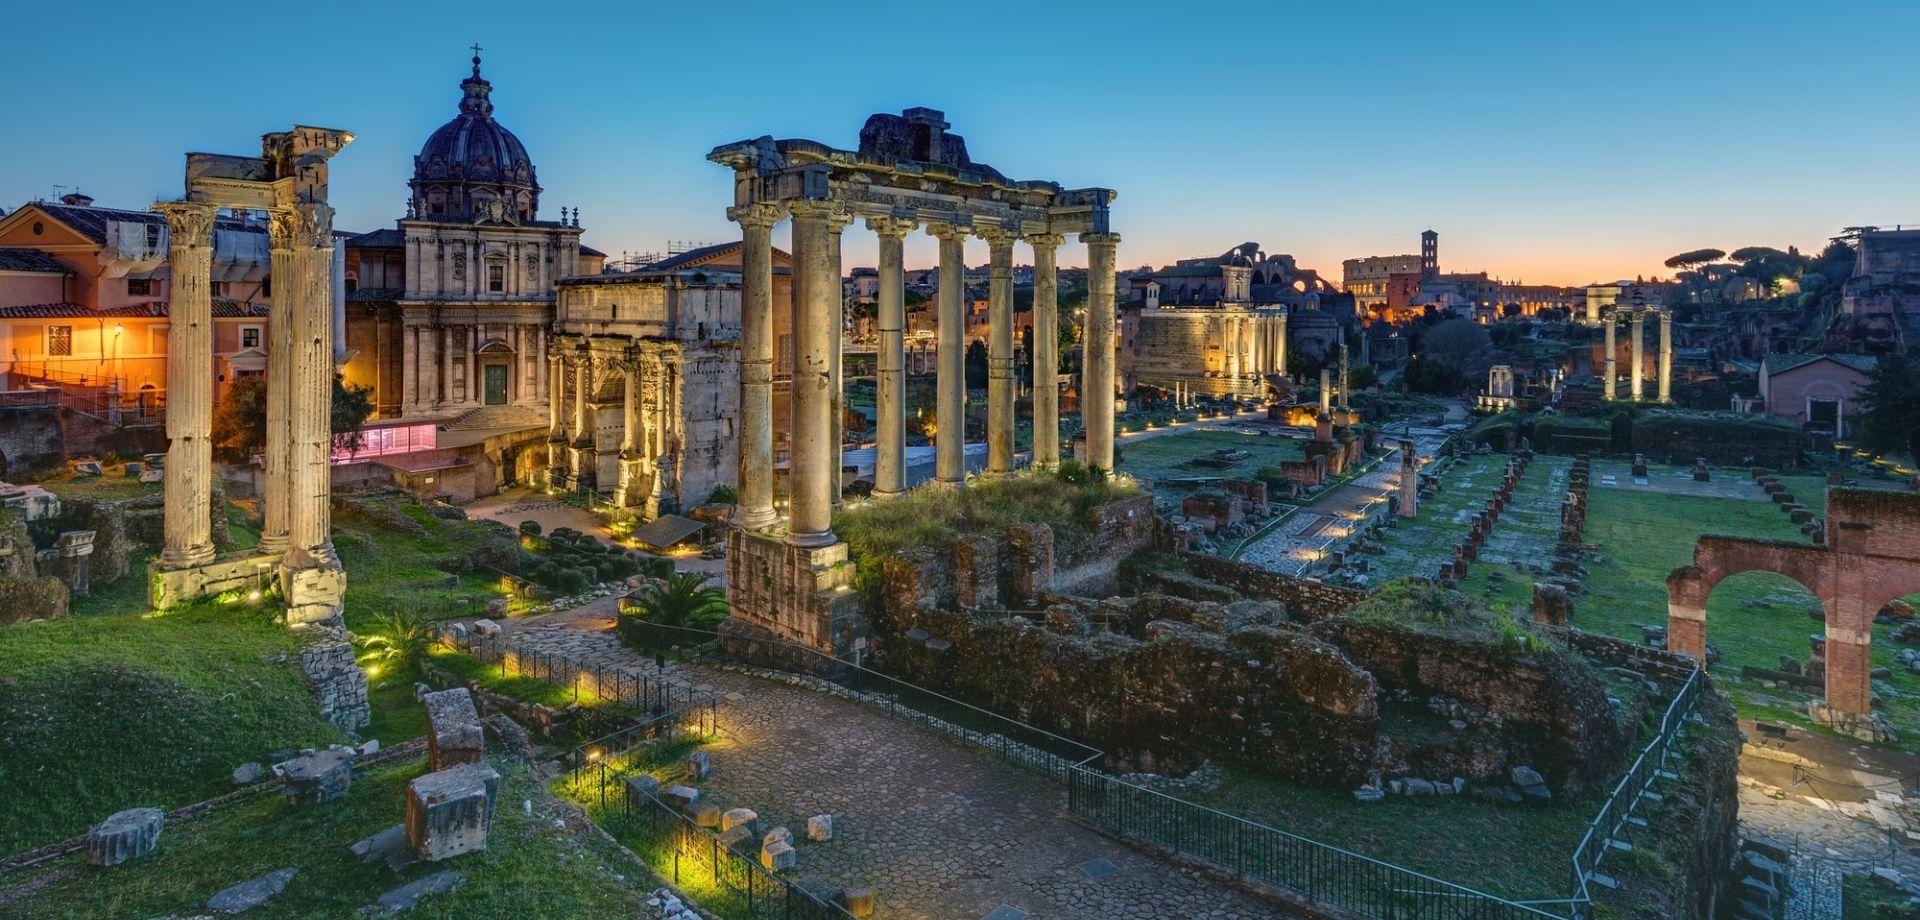 La grande bellezza di Roma e dintorni